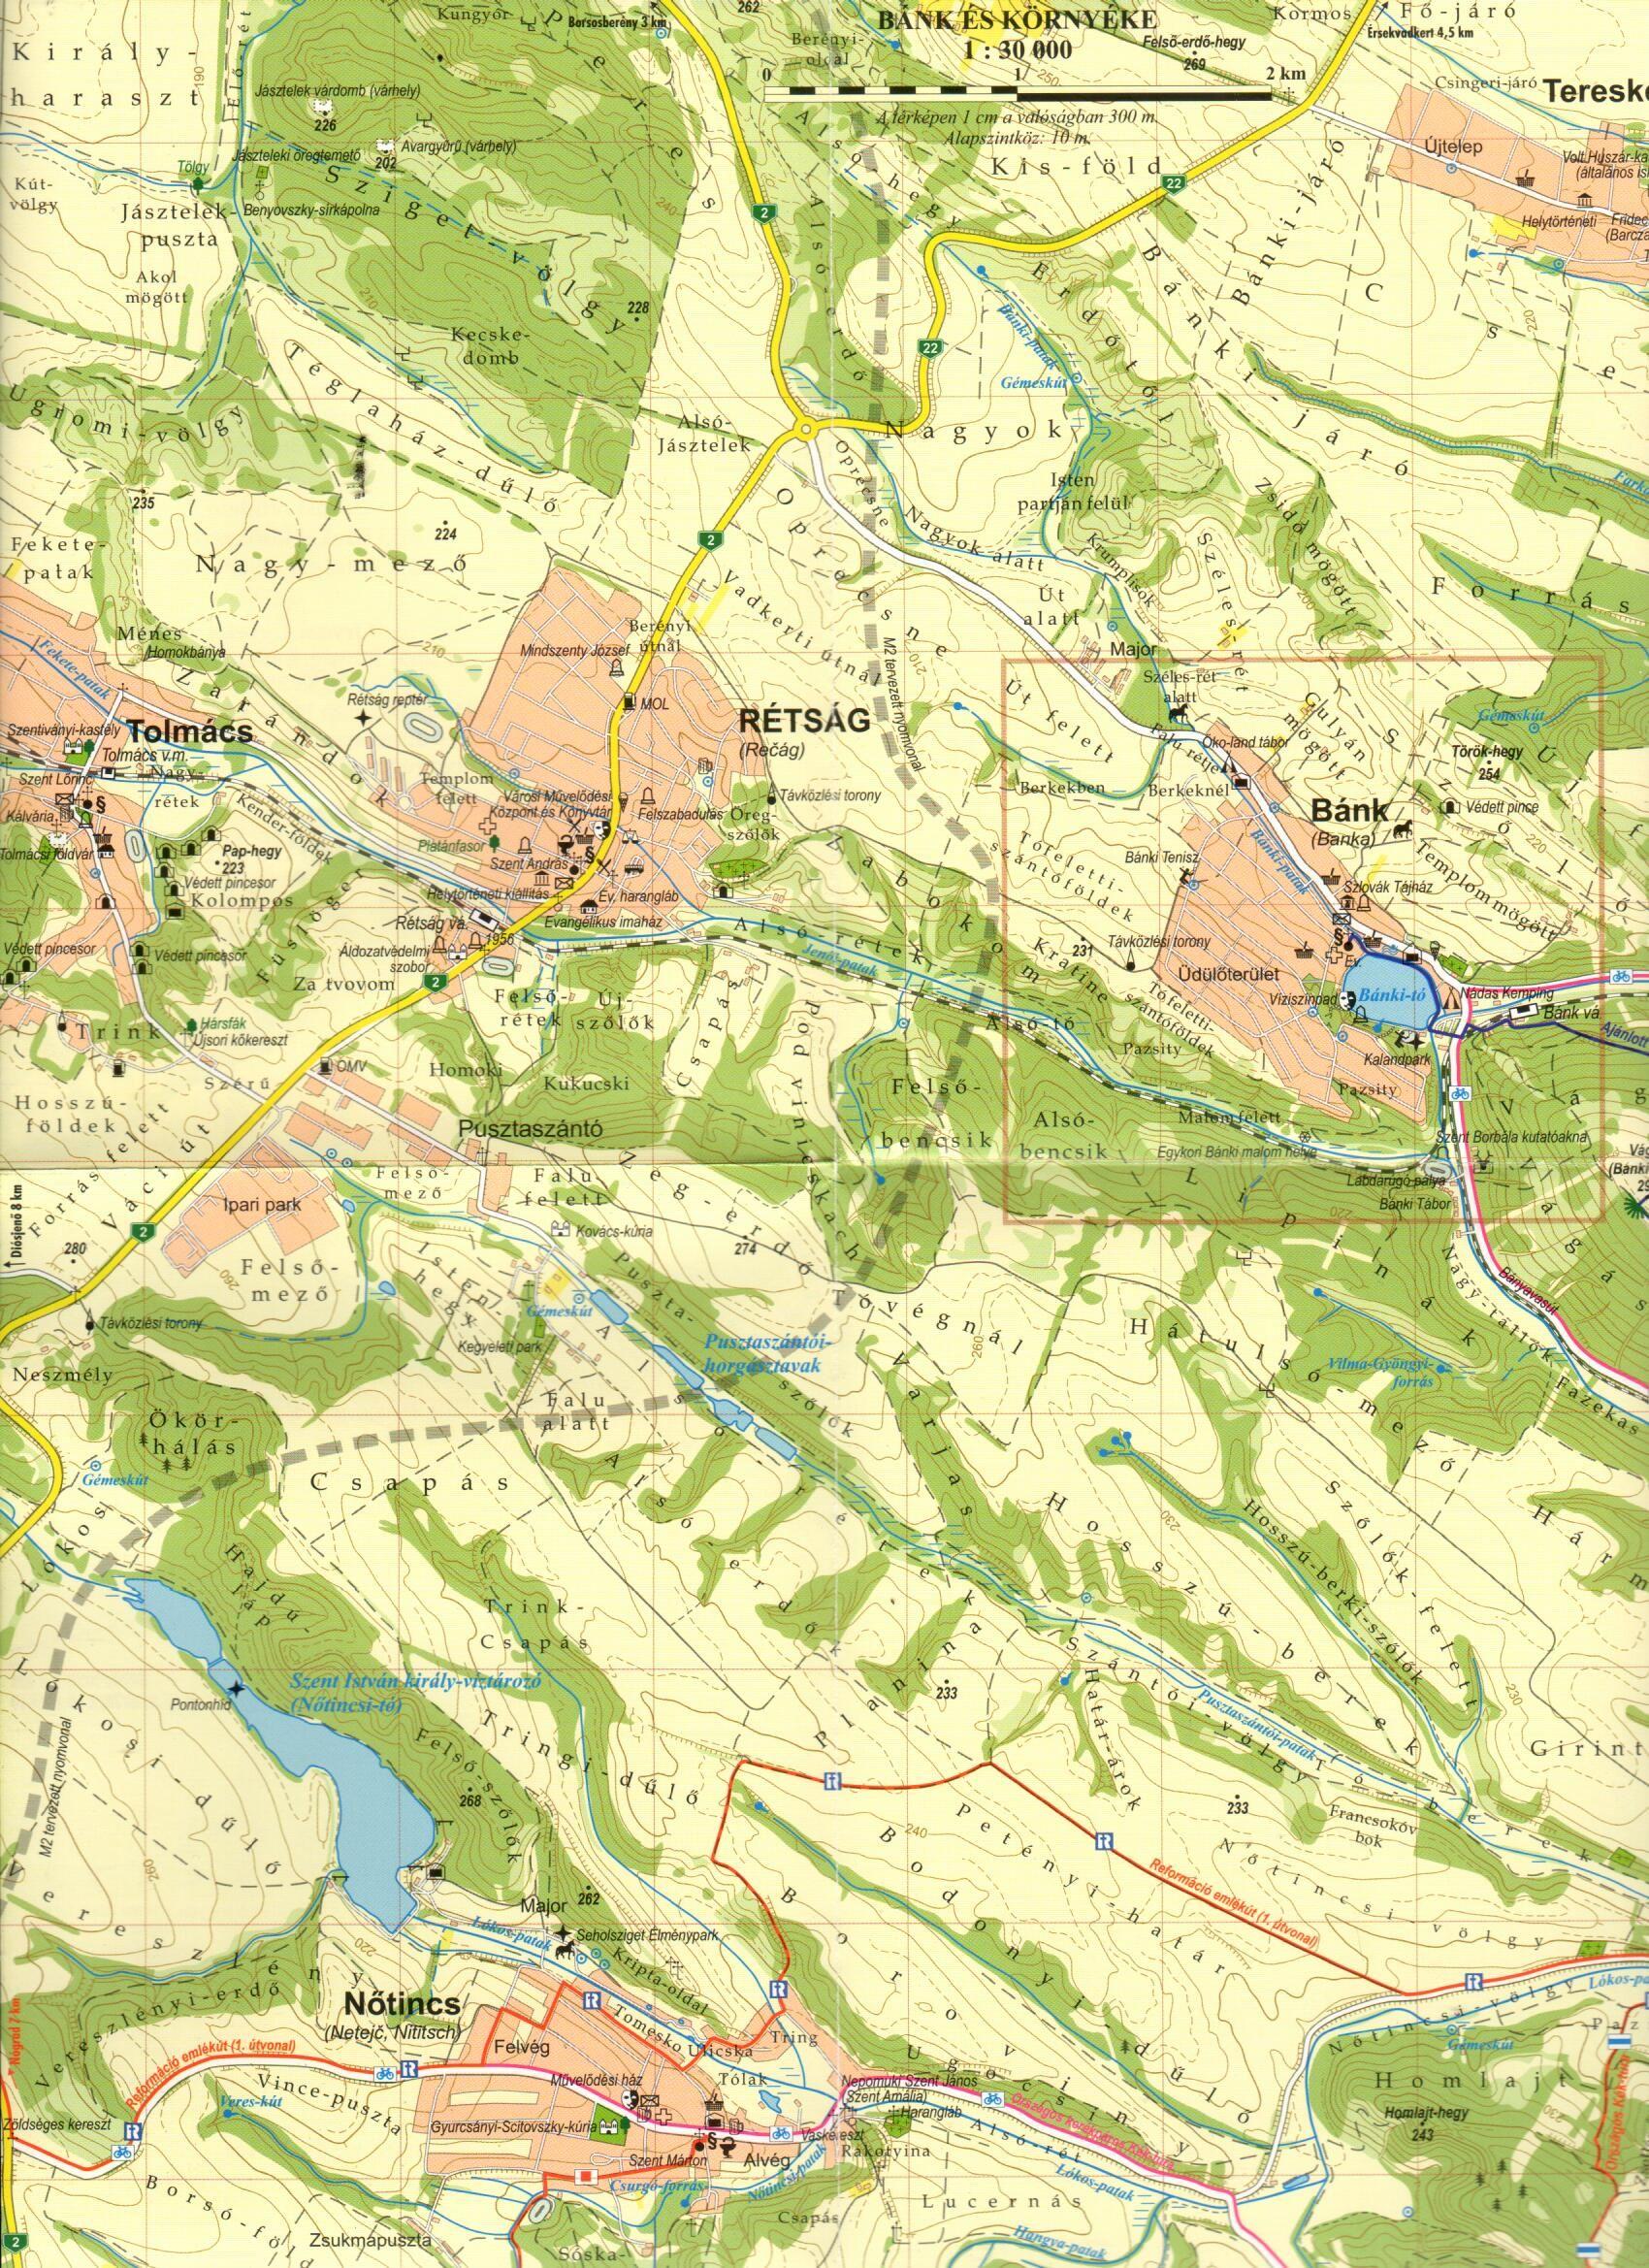 Bánk környéke térkép 1:30.000-es mintakivágat